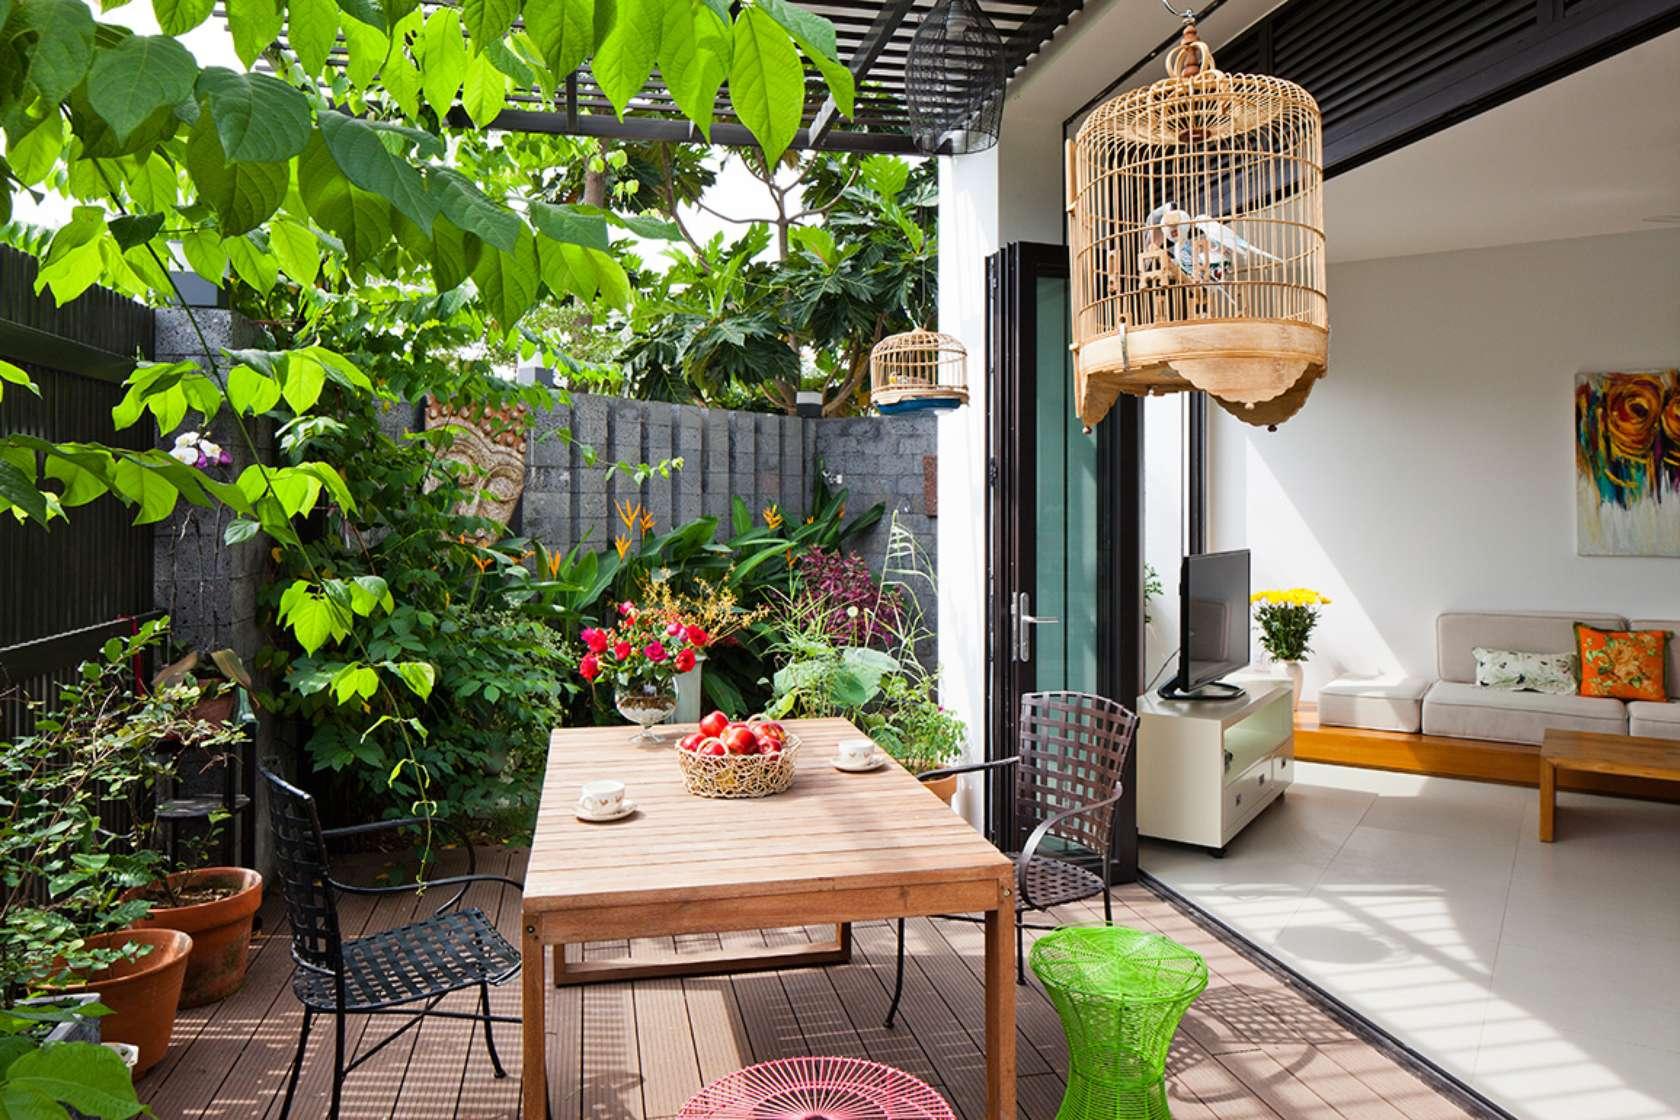 Bạn là người yêu thích thiên nhiên thì việc trồng cây xanh trên sân thượng là một sự lựa chọn hoàn hảo